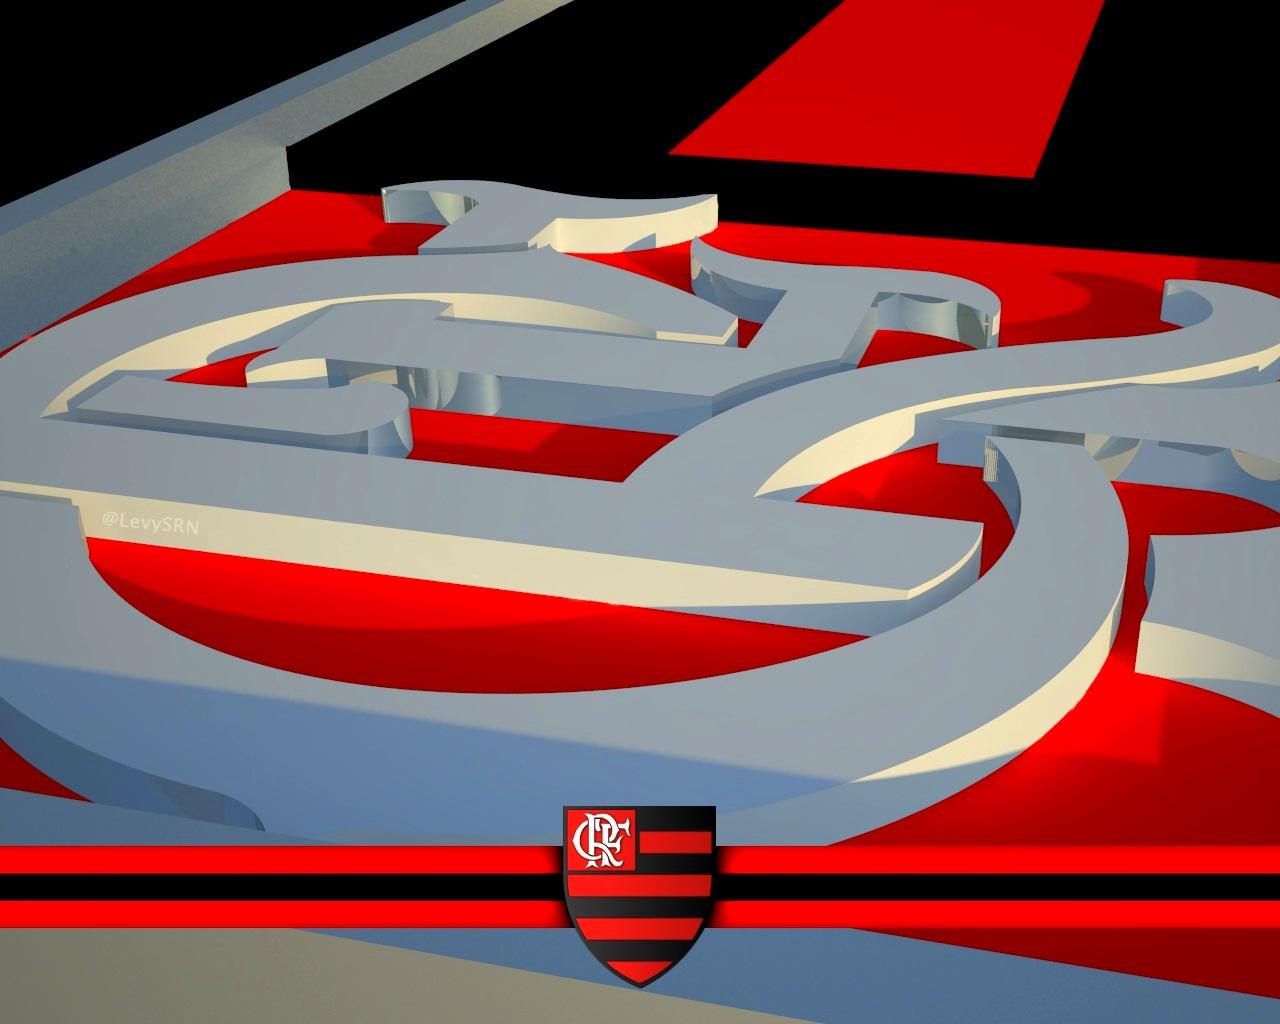 http://2.bp.blogspot.com/-v3oxfwScrtM/UAMRkVsmbvI/AAAAAAAAAYo/MjJRBV1gHL8/s1600/flamengo_wallpaper.jpg